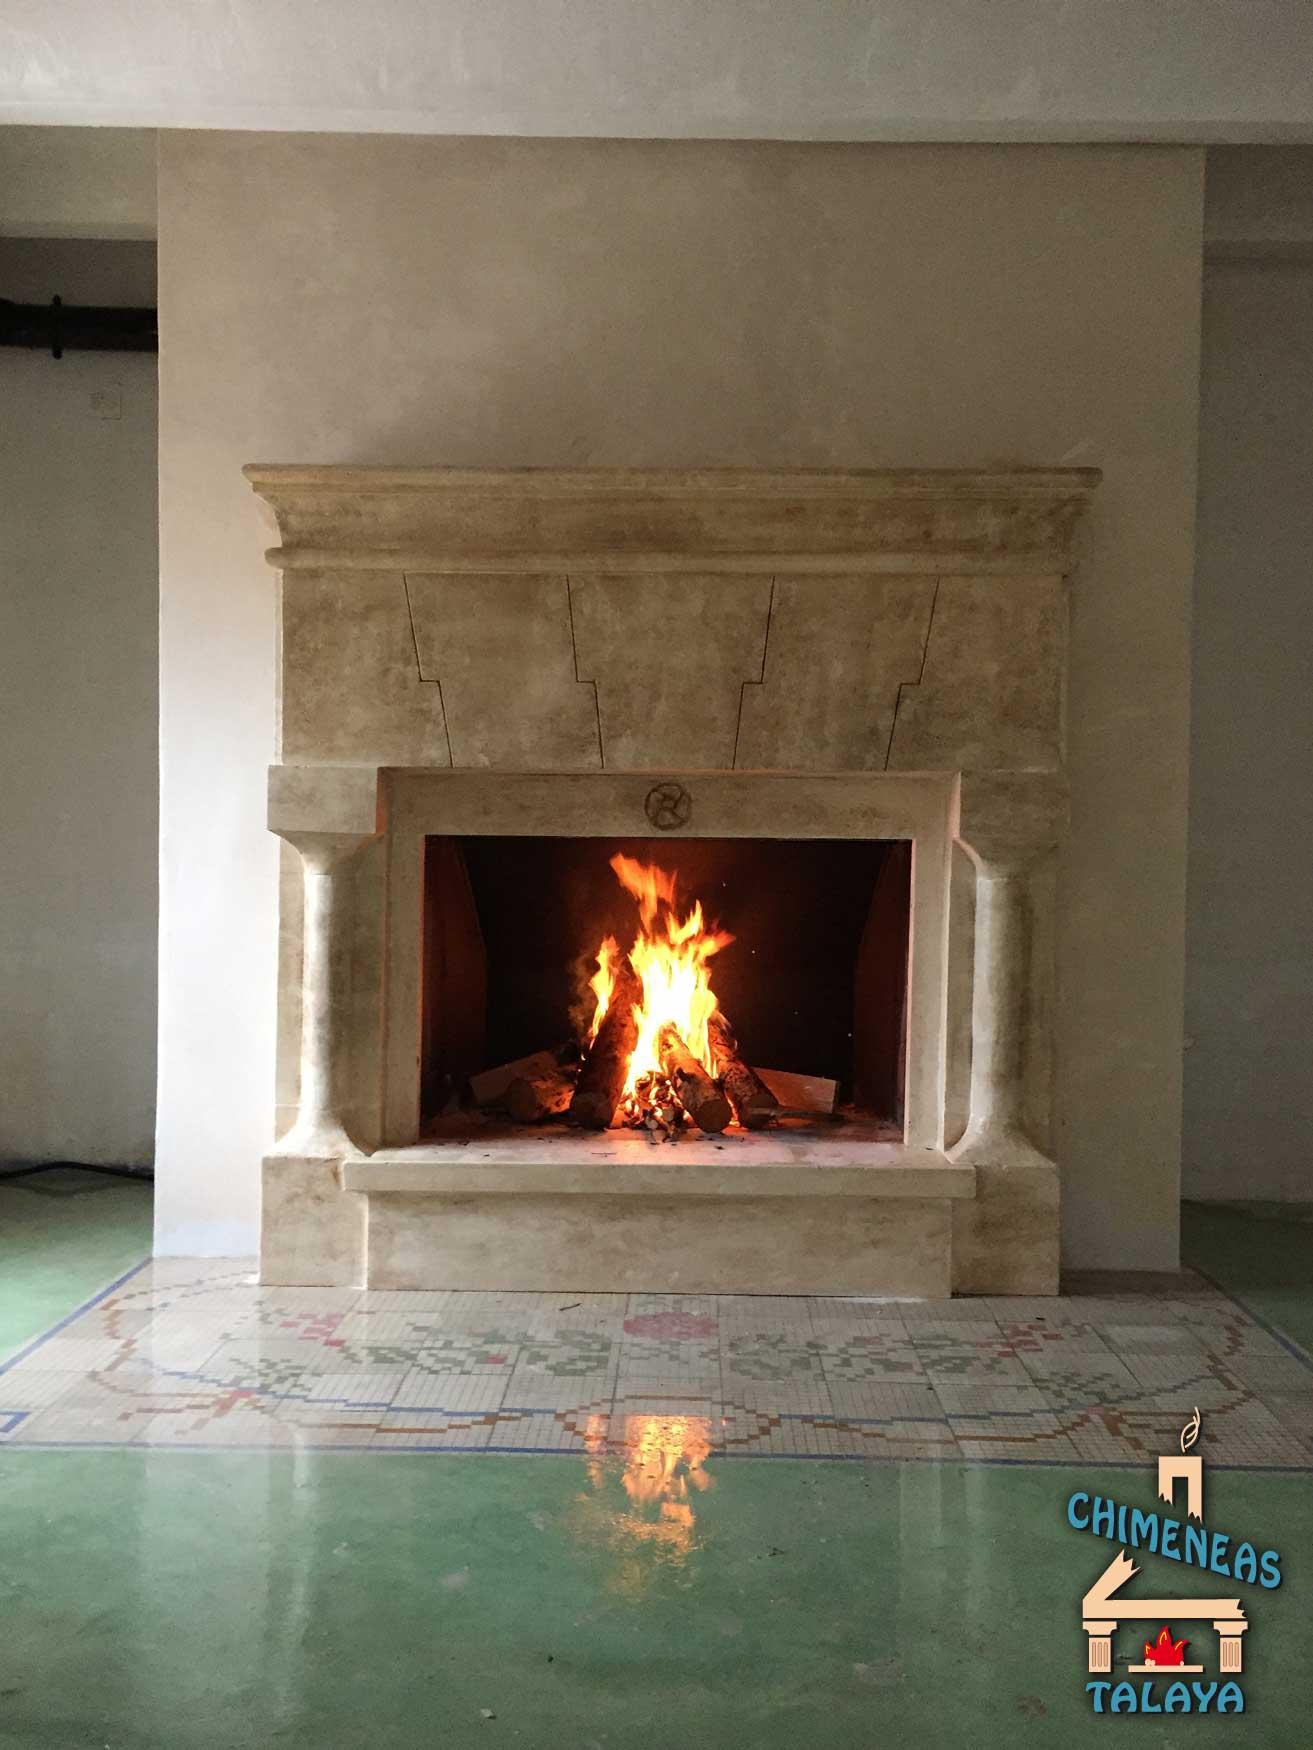 Chimeneas abiertas sistemas de calefacci n biomasa - Calefaccion por chimenea ...